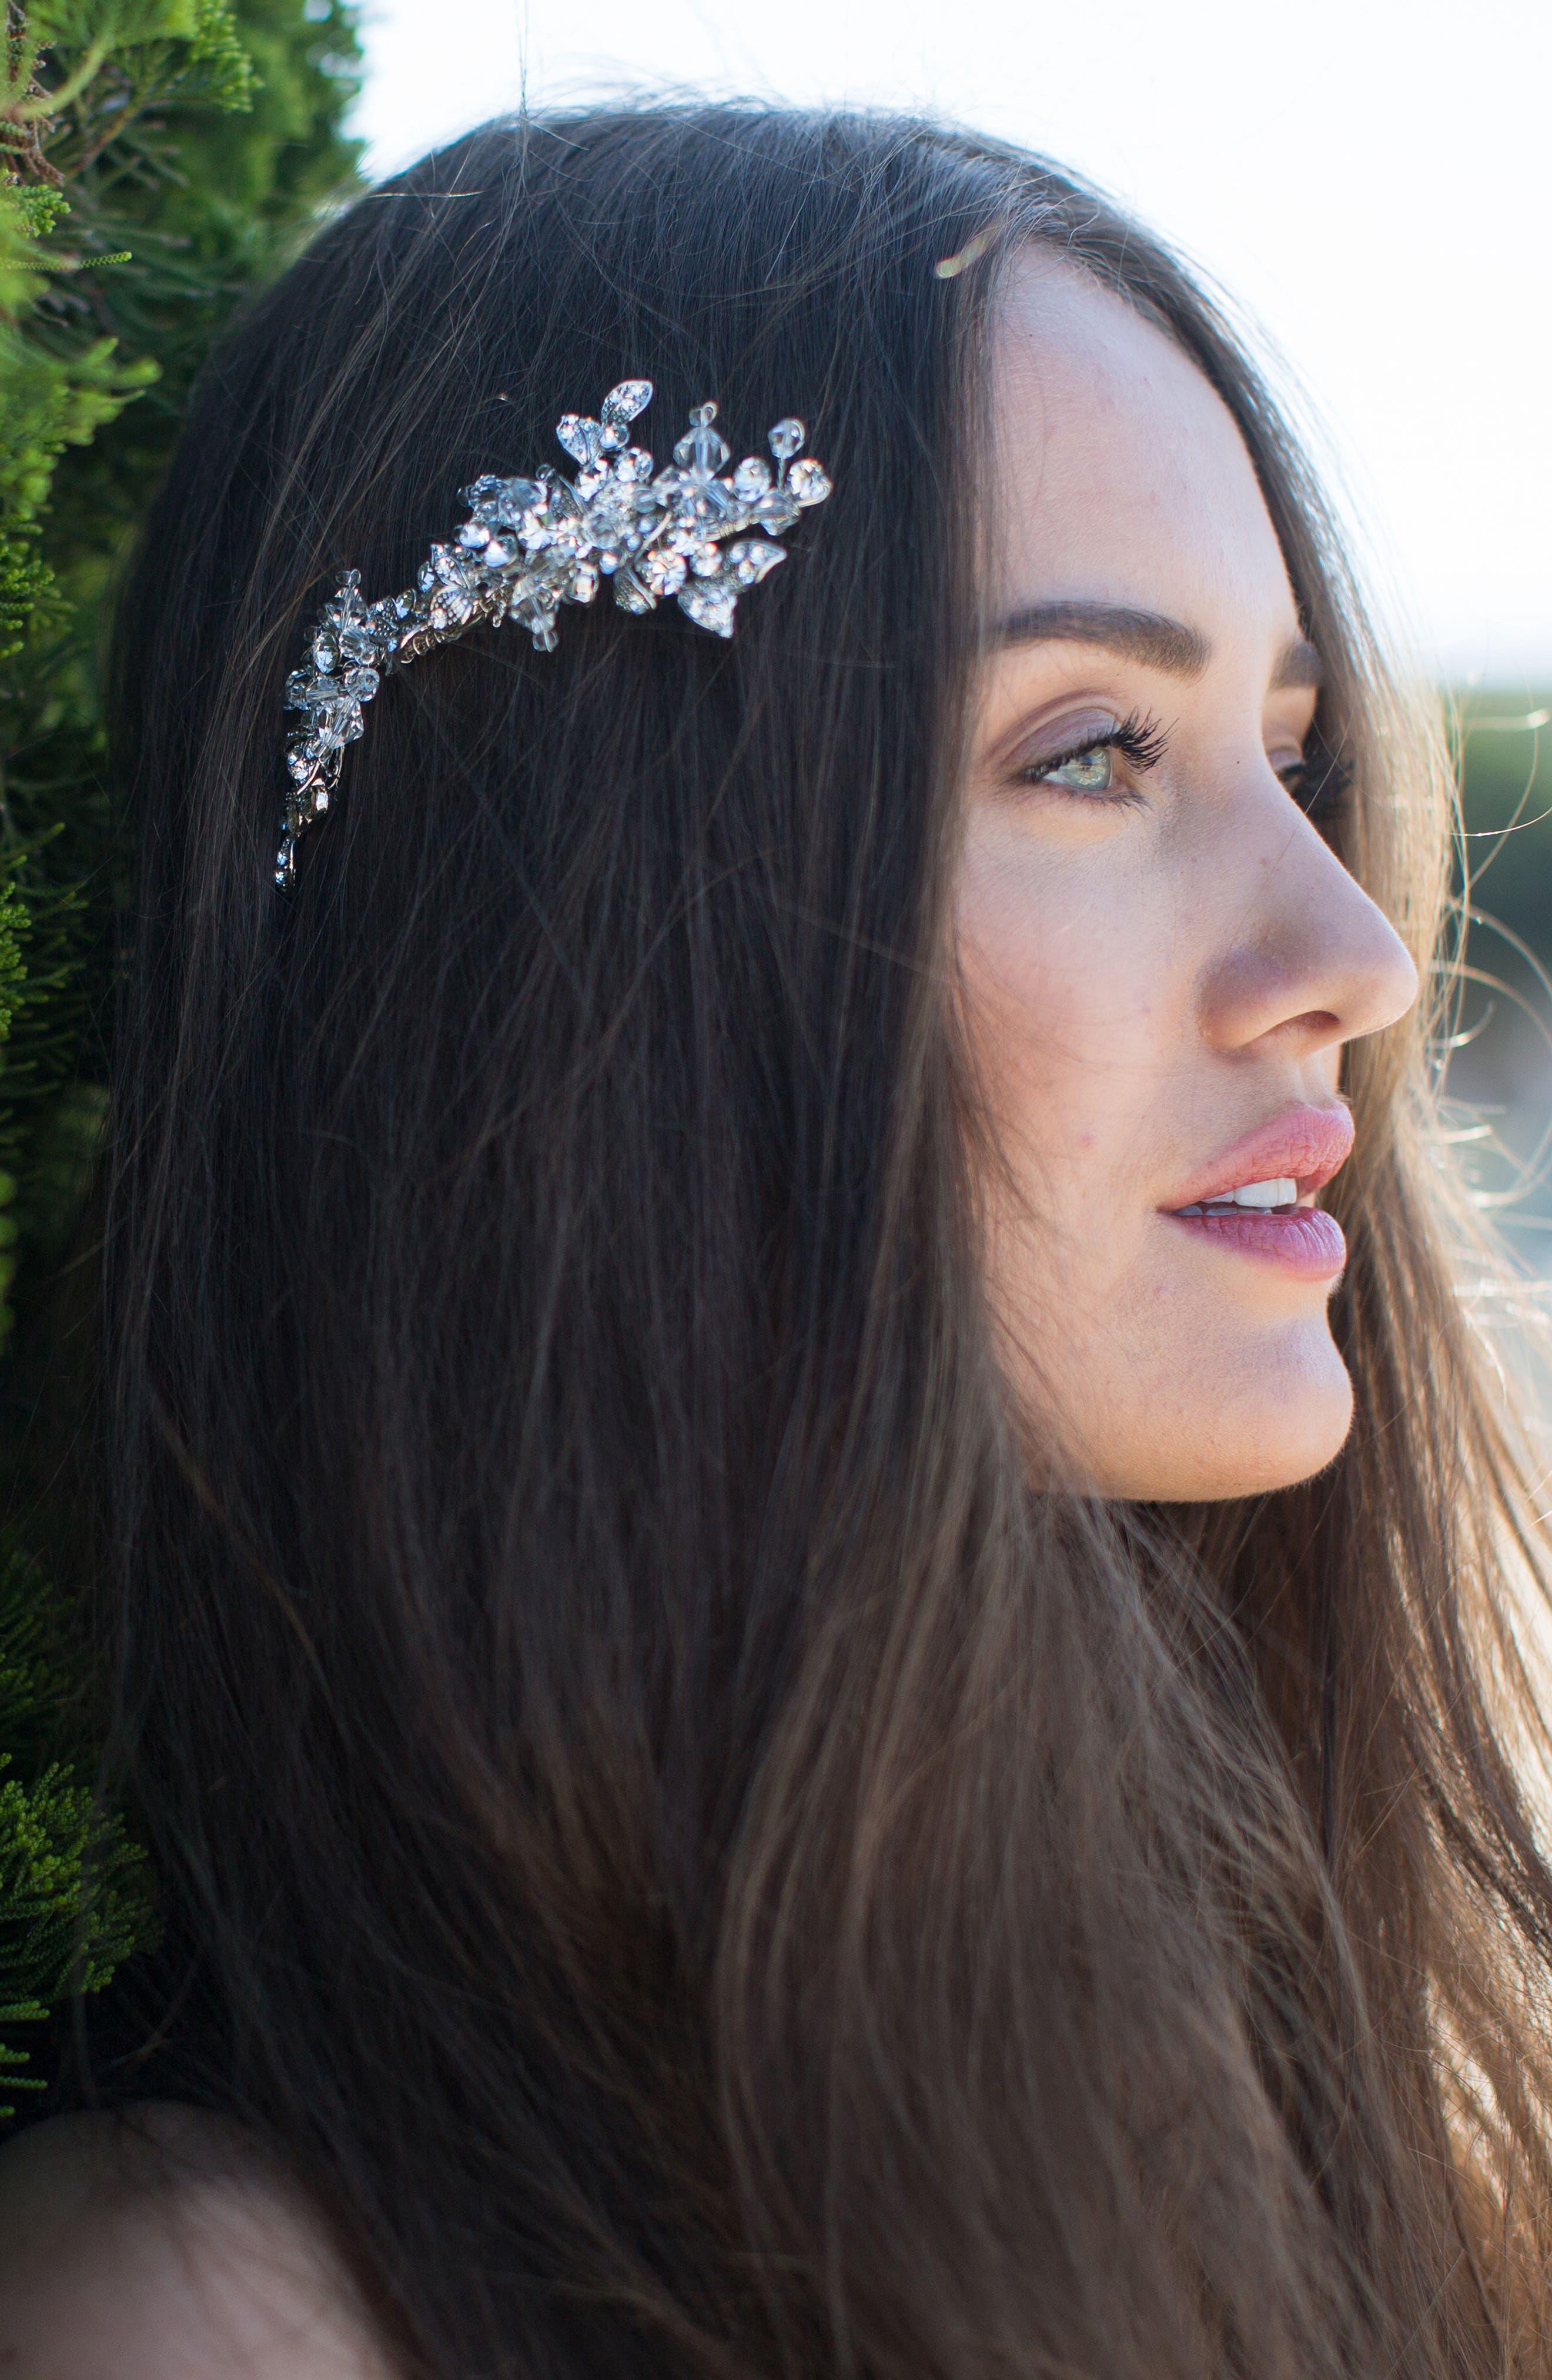 Main Image - Brides & Hairpins Olivia Jeweled Hair Clip